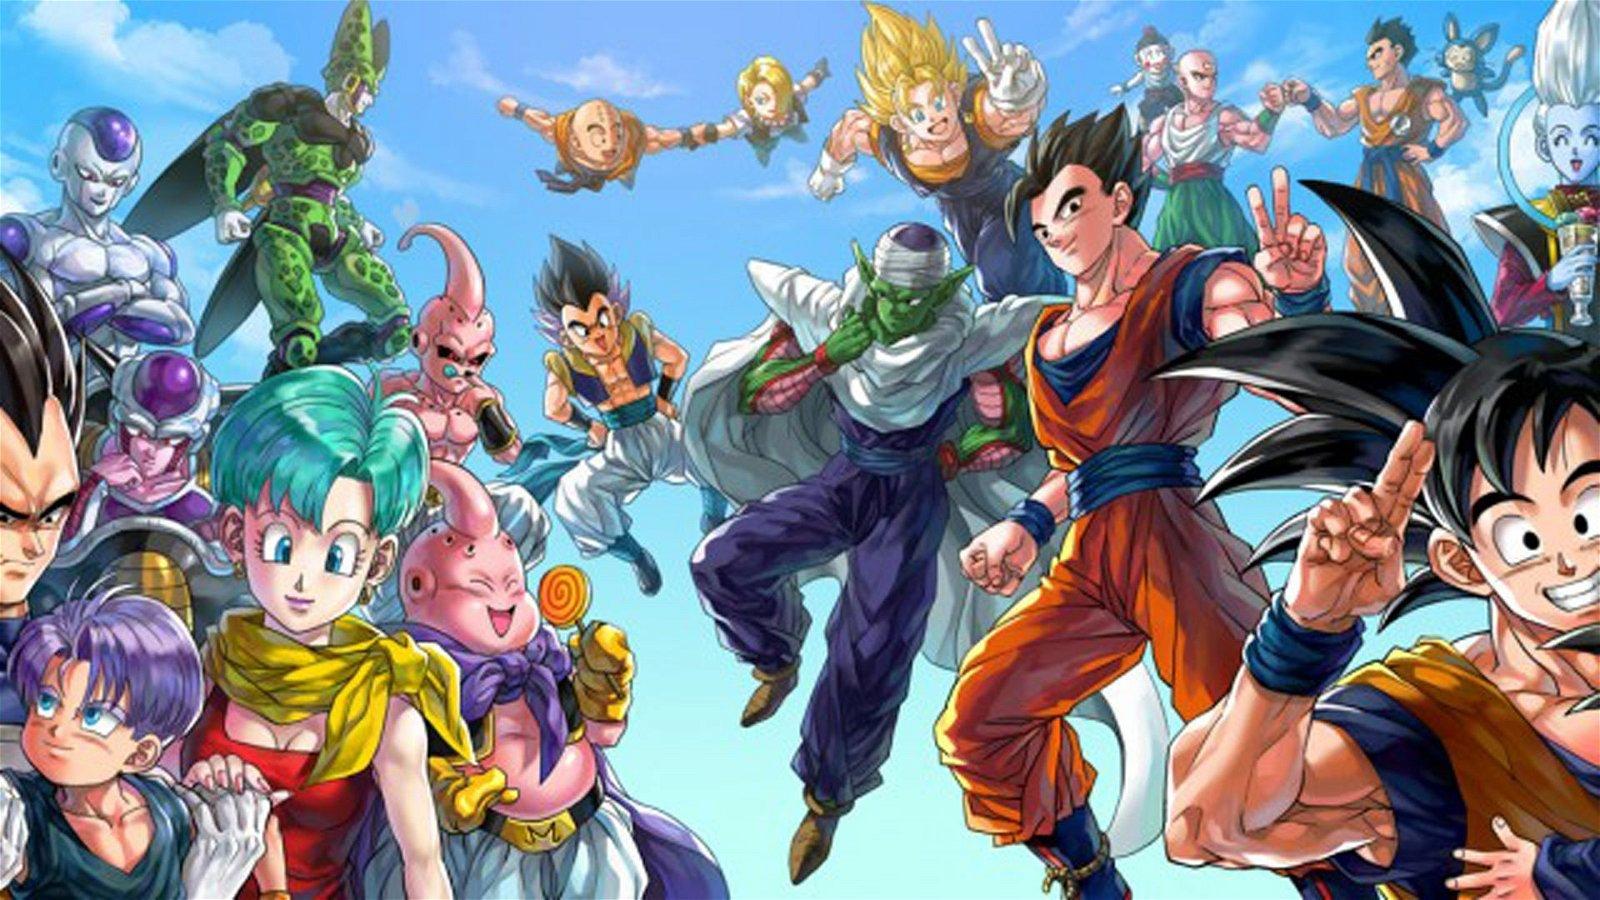 Dragon Ball tiene un cortometraje que fusionaba animación tradicional con CGI